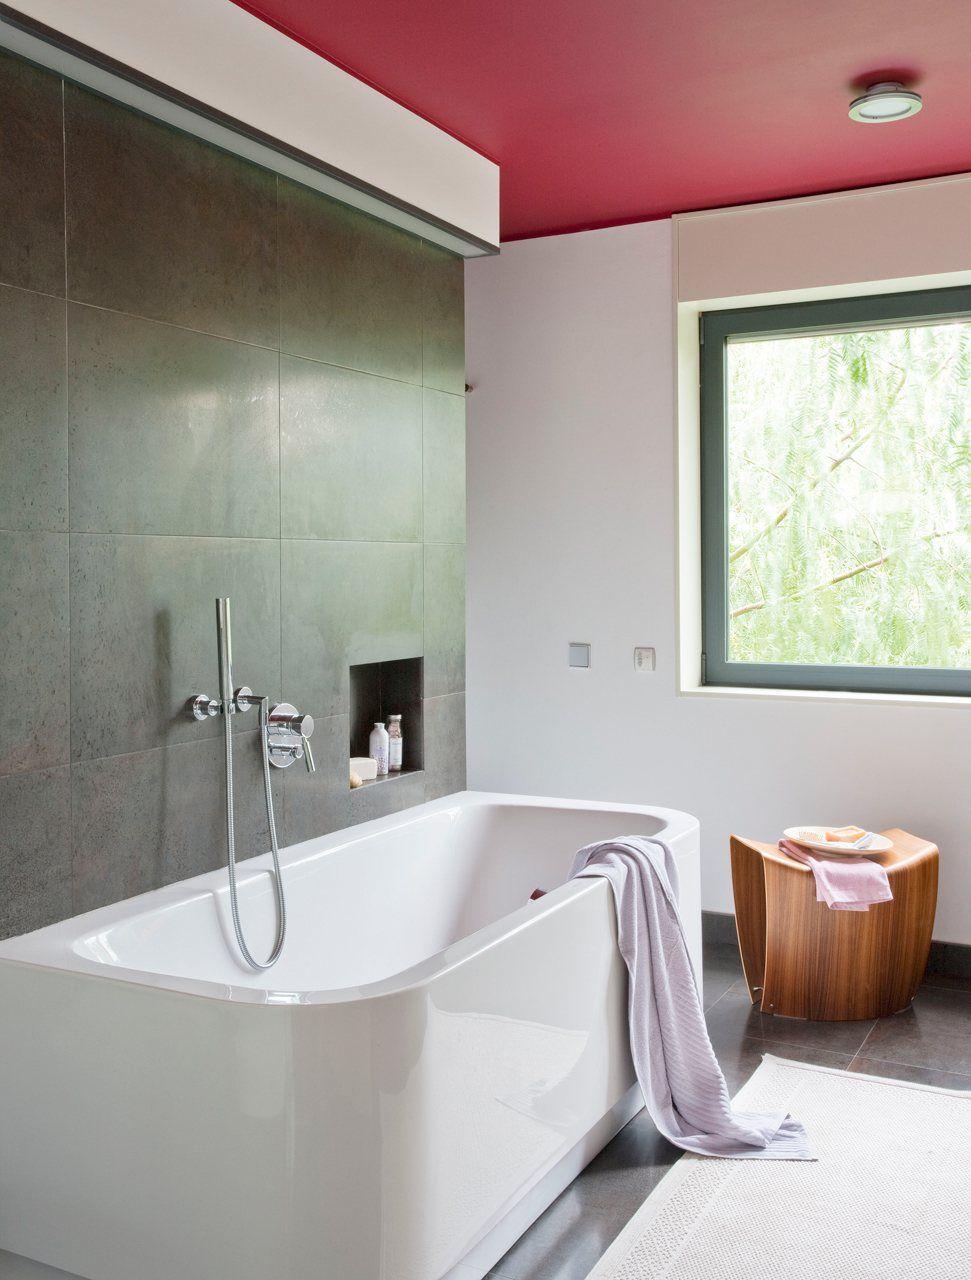 Ba o actual zalo sin gastar mucho ba os techo de for Renovar azulejo bano concreto cera